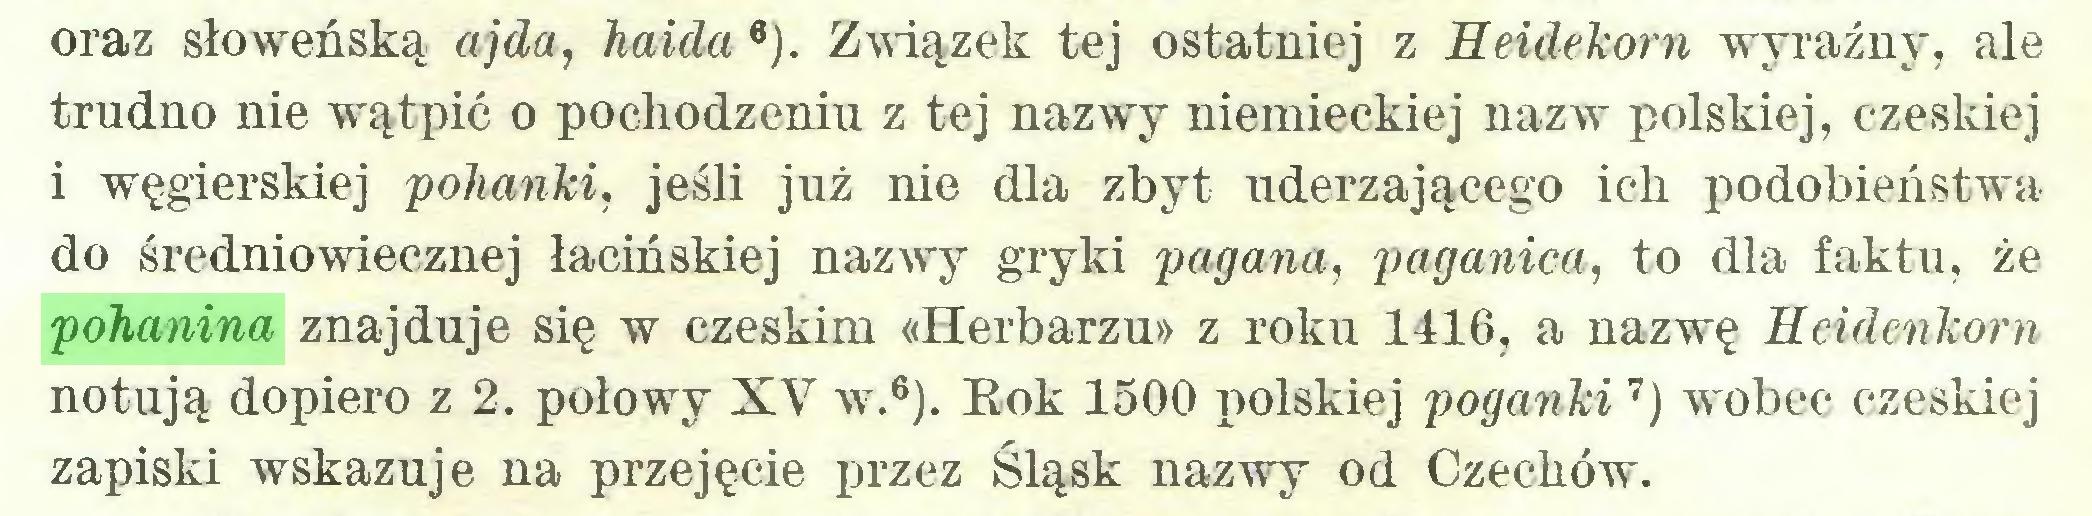 (...) oraz słoweńską ajda, haida 6). Związek tej ostatniej z Heidekorn wyraźny, ale trudno nie wątpić o pochodzeniu z tej nazwy niemieckiej nazw polskiej, czeskiej 1 węgierskiej pohanki, jeśli już nie dla zbyt uderzającego ich podobieństwa do średniowiecznej łacińskiej nazwy gryki pagana, paganica, to dla faktu, że pohanina znajduje się w czeskim «Herbarzu» z roku 1416, a nazwę Heidenkorn notują dopiero z 2. połowy XV w.6). Rok 1500 polskiej poganki7) wobec czeskiej zapiski wskazuje na przejęcie przez Śląsk nazwy od Czechów...